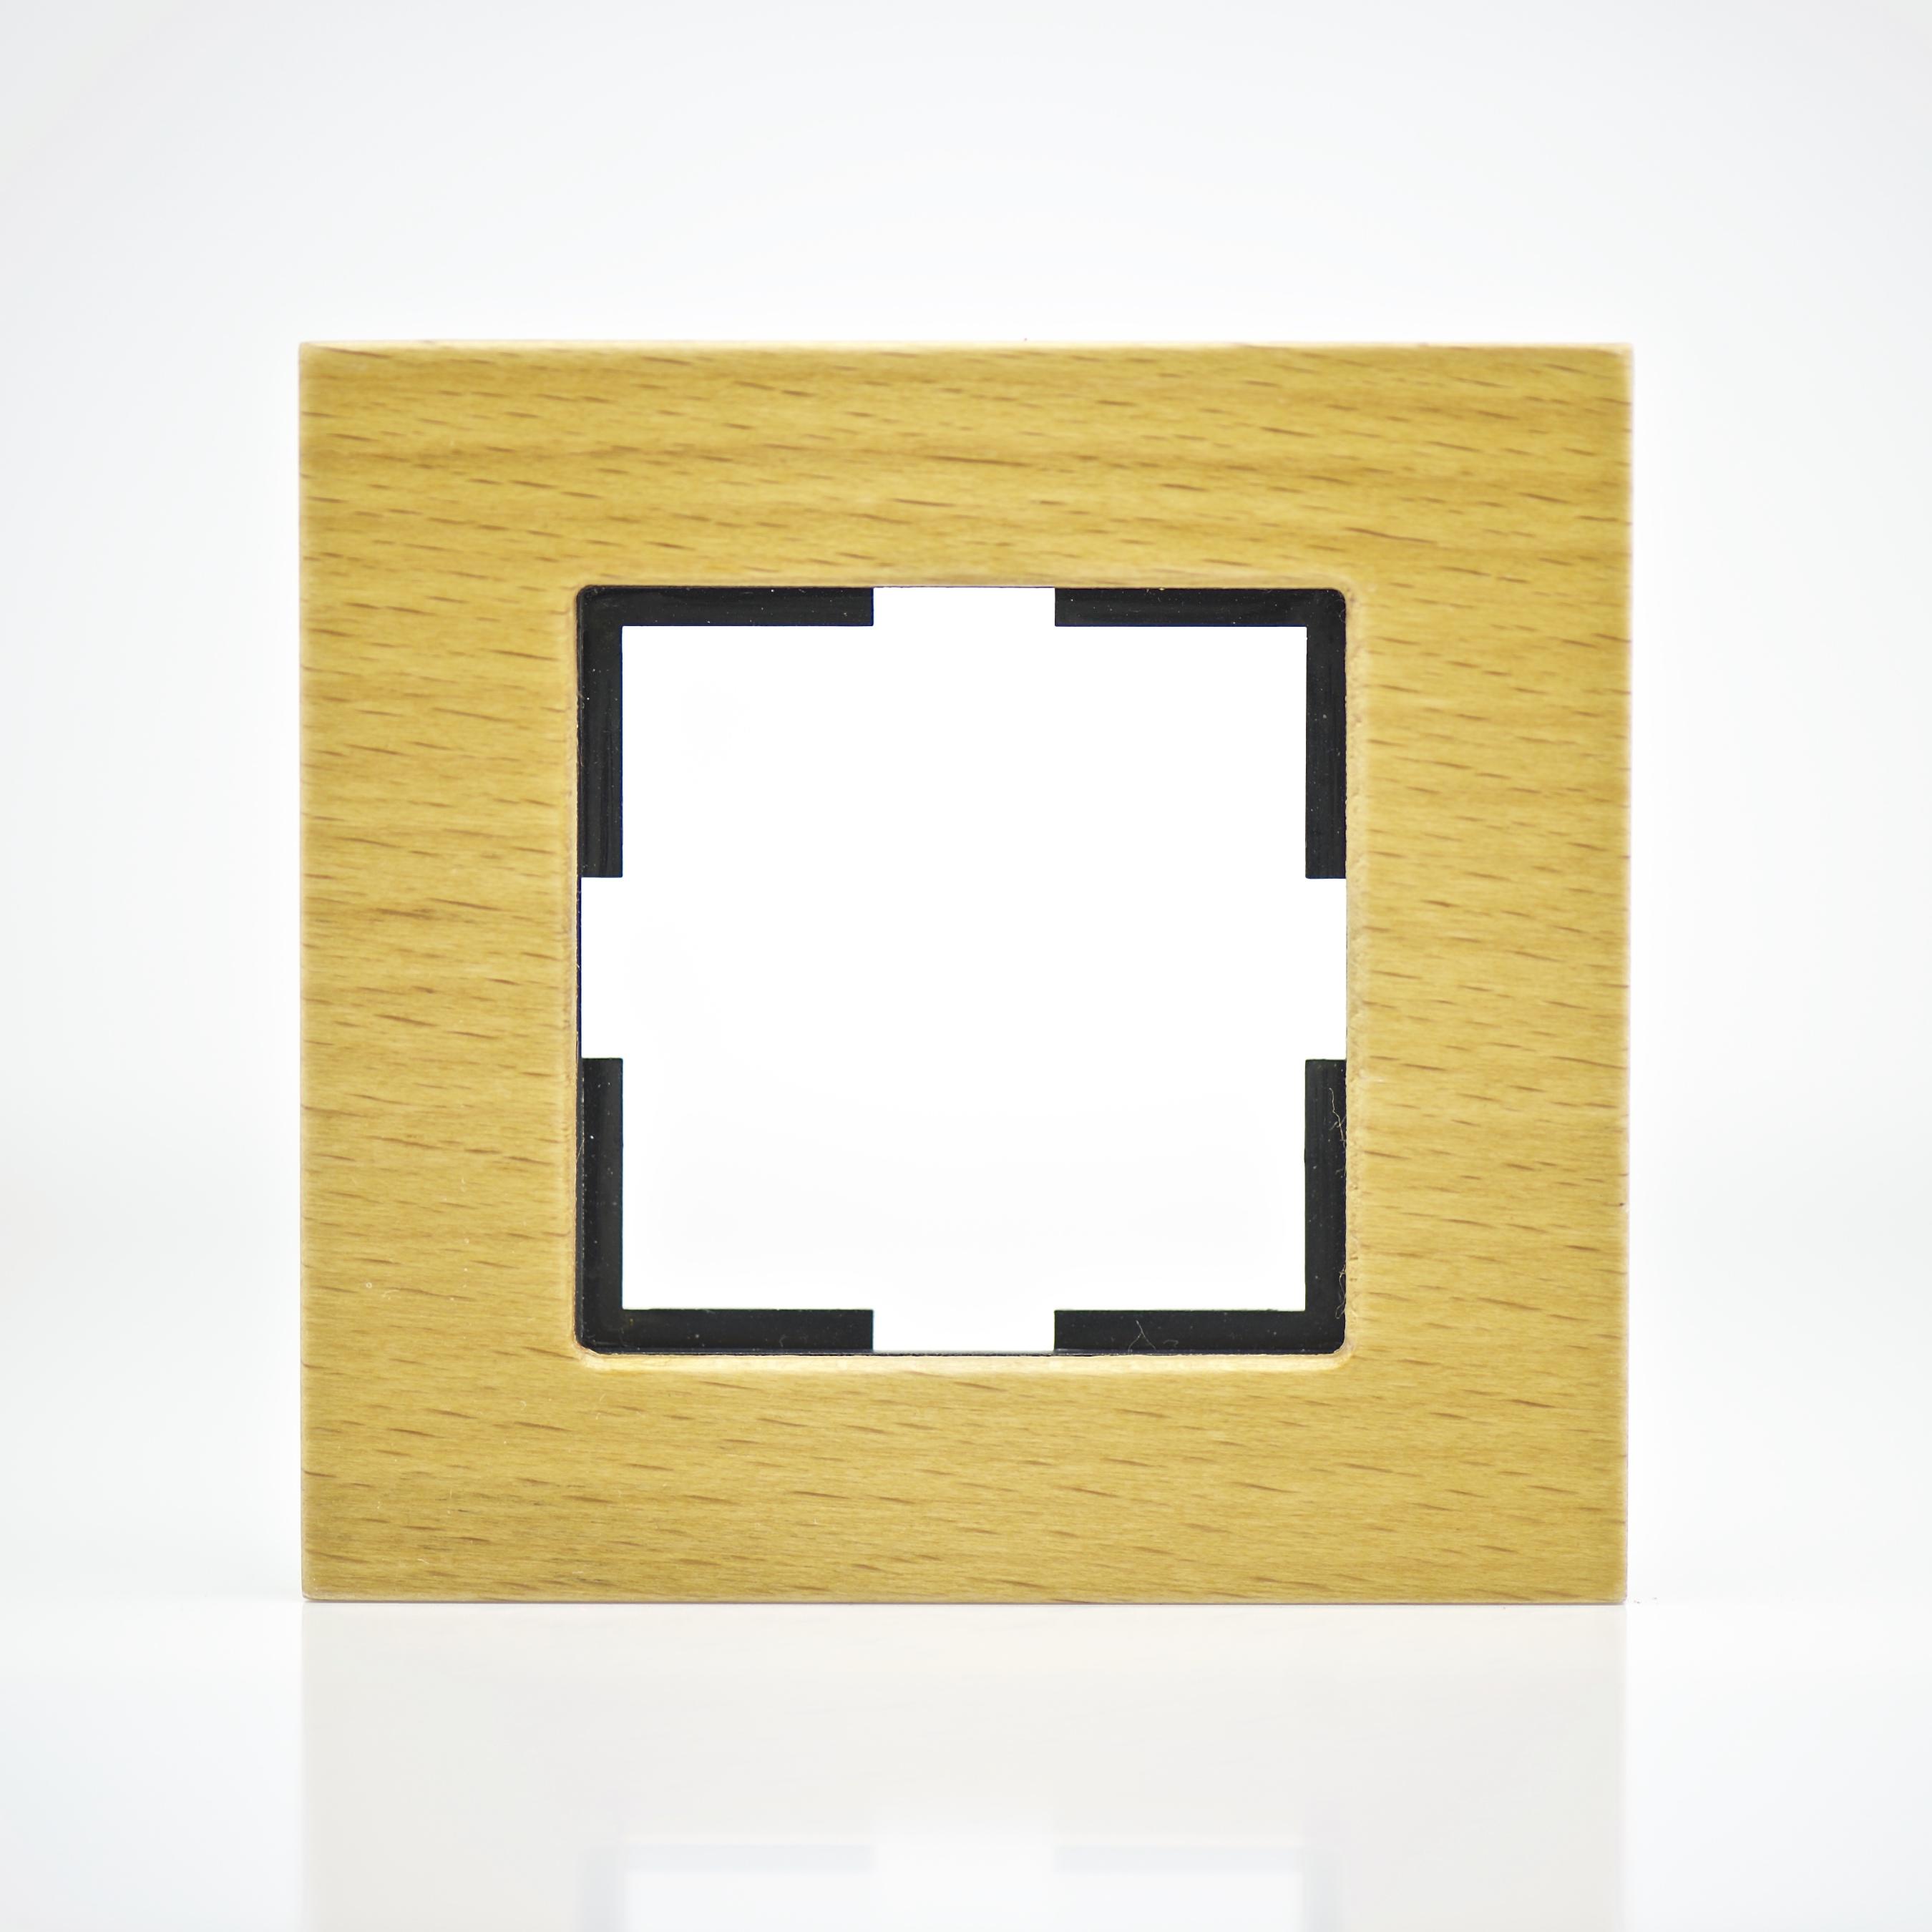 plaque de finition bois massif noix 1 poste 84x87x10mm distock mat riel lectrique et. Black Bedroom Furniture Sets. Home Design Ideas